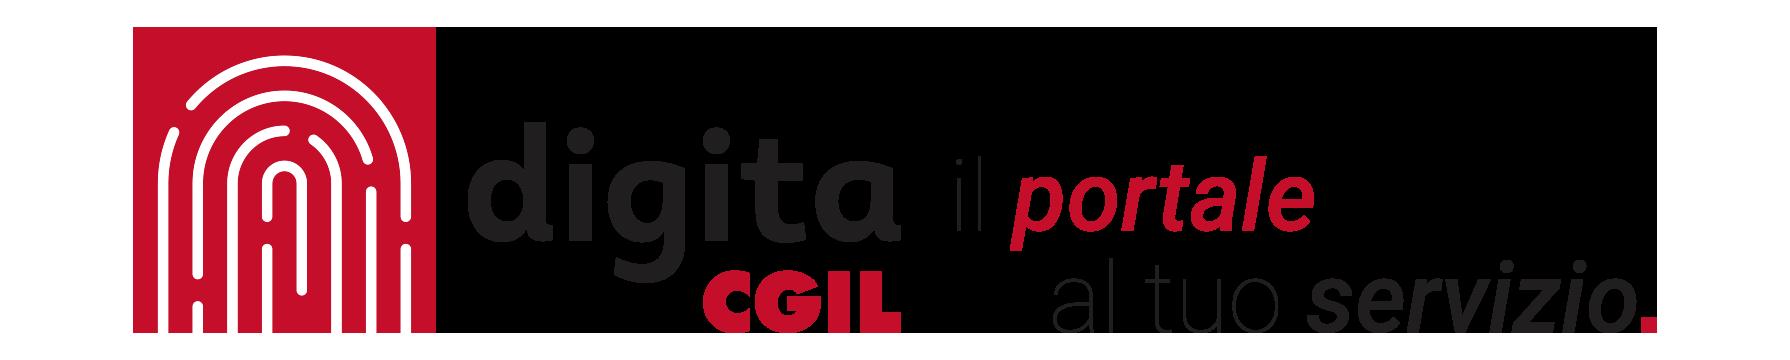 DigitaCGIL